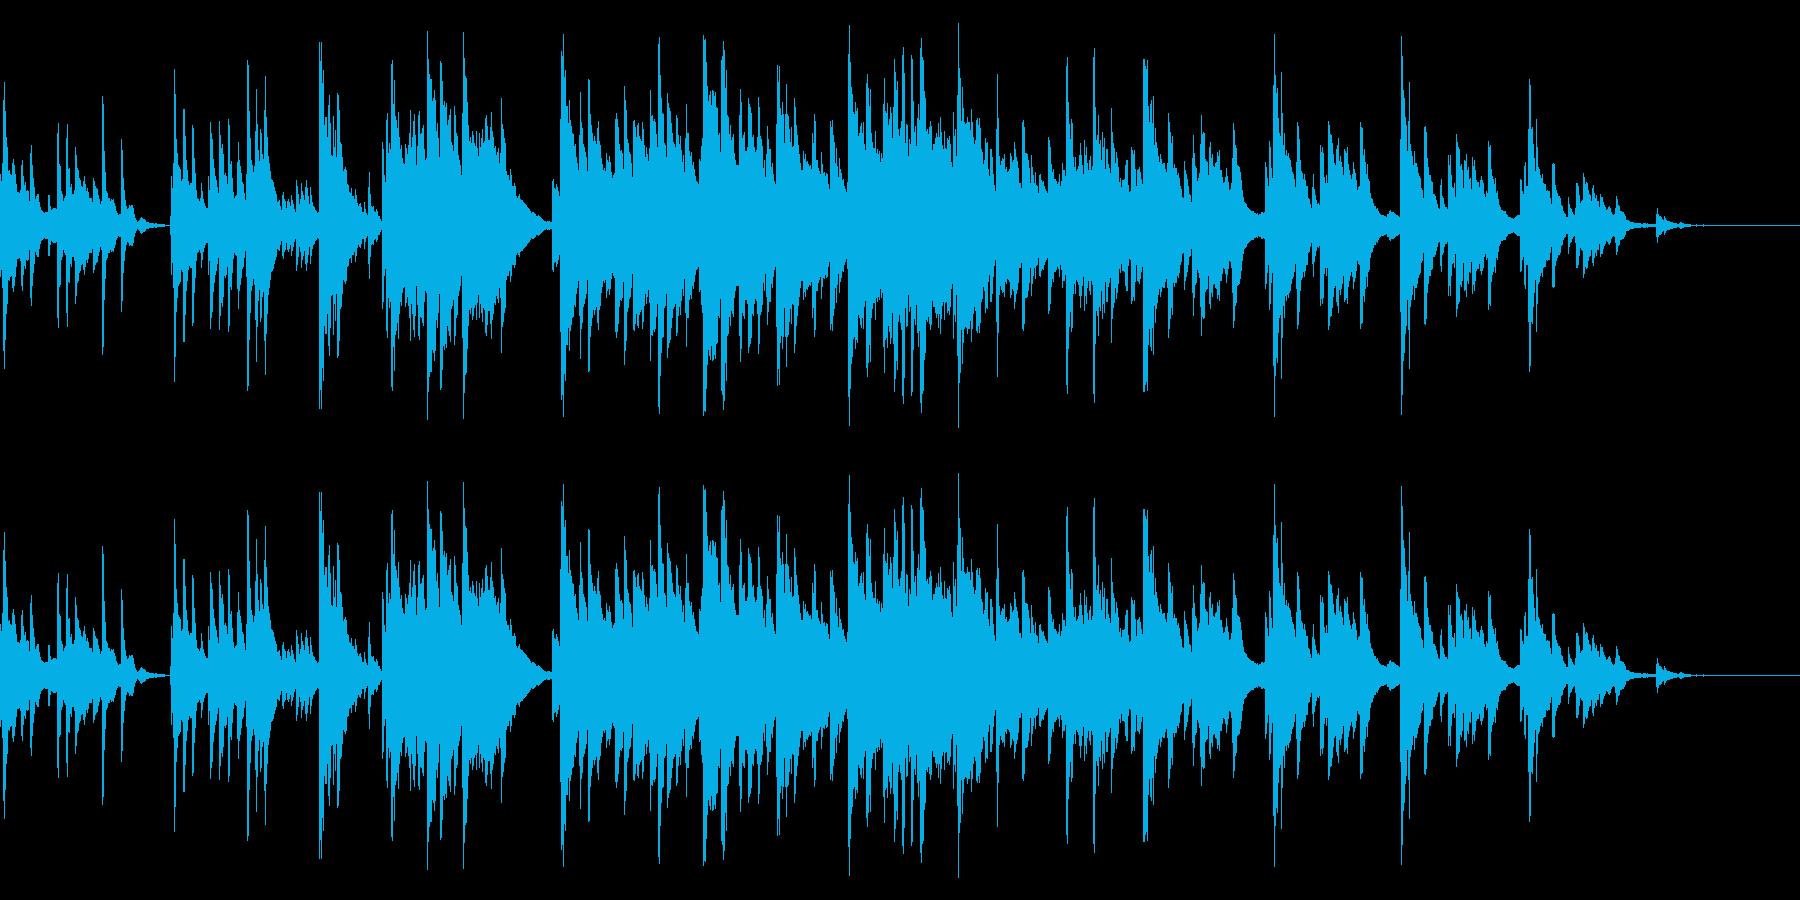 哀愁のある素朴な小曲(ピアノソロ)の再生済みの波形